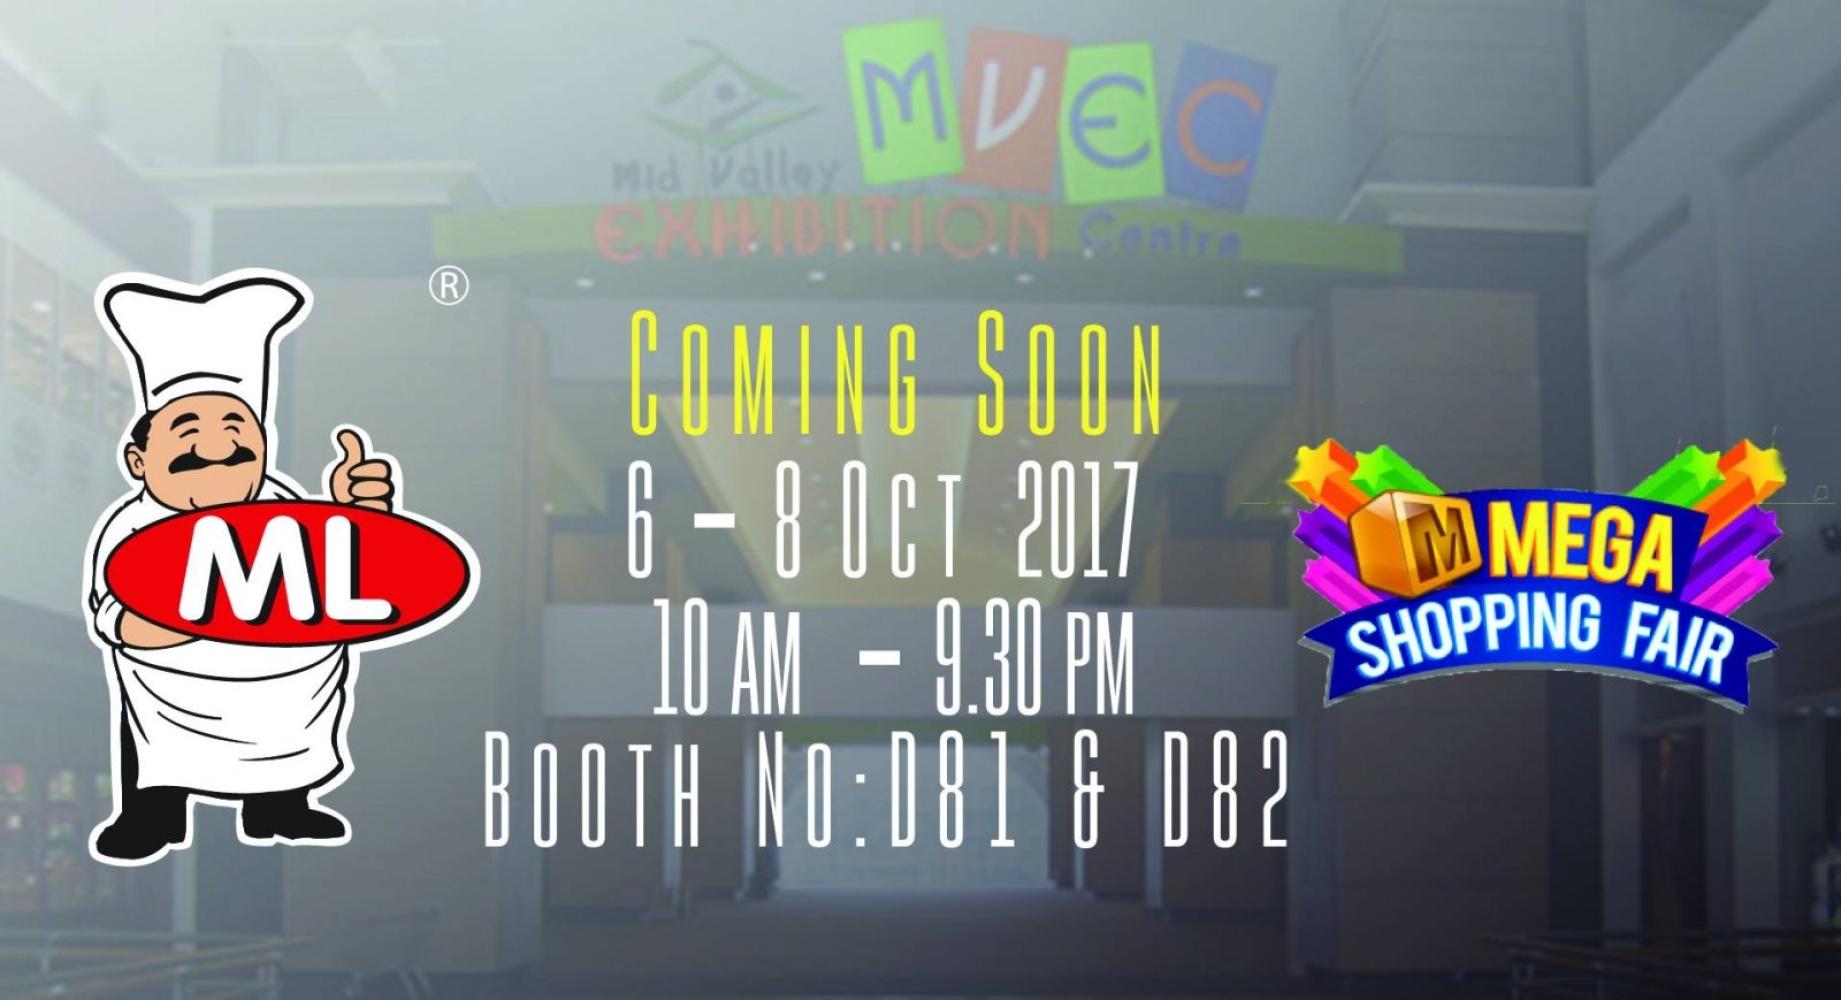 ML @Mega Shopping Fair